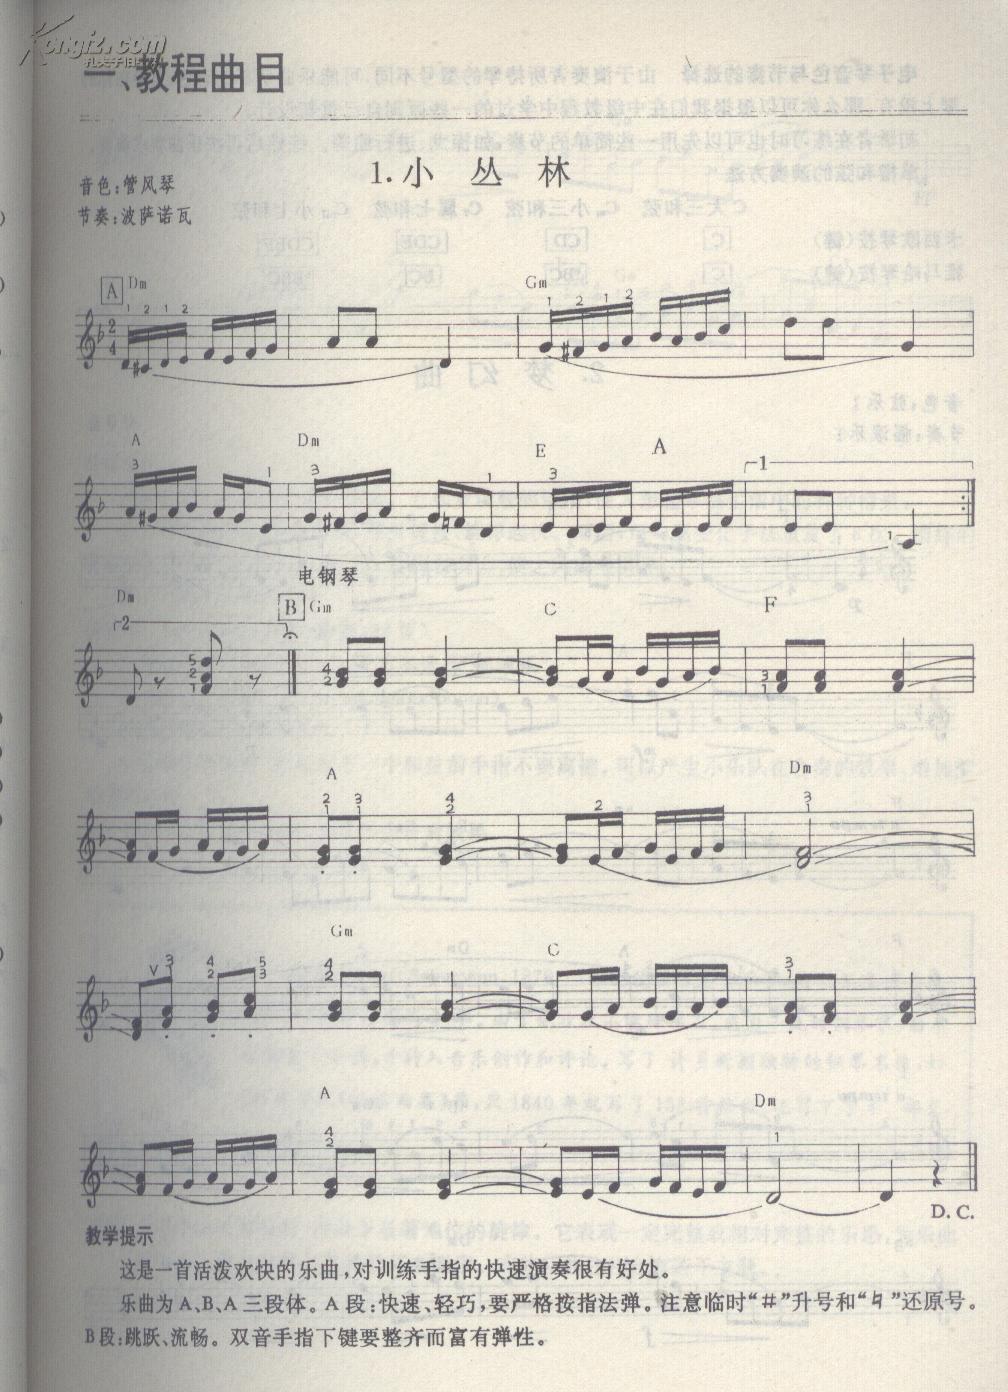 简单儿童电子琴乐谱